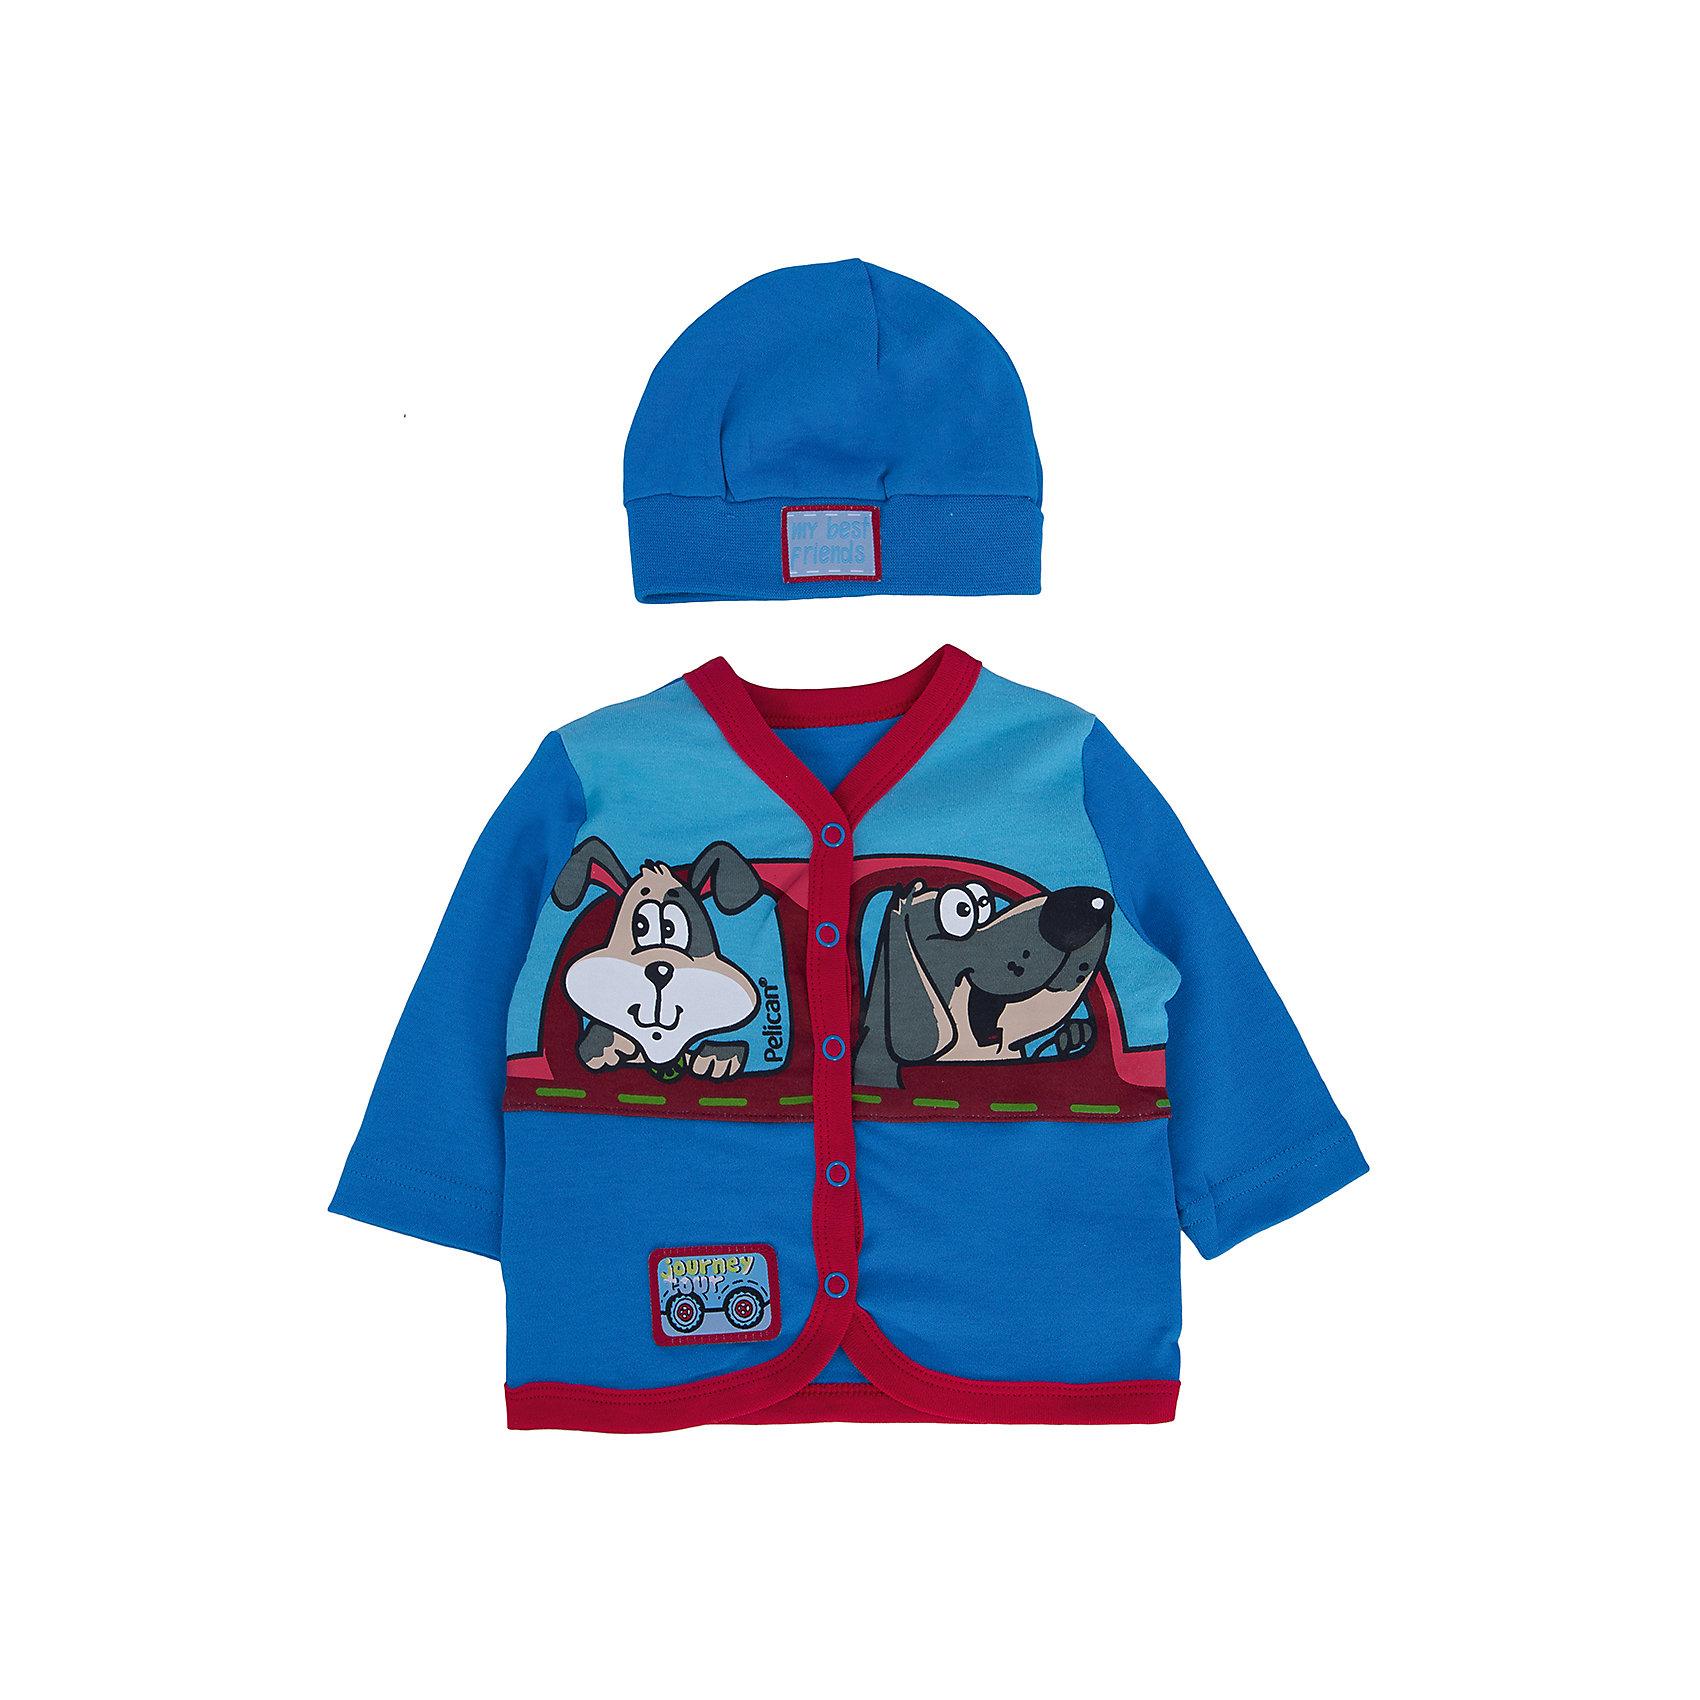 Комплект: кофточка и шапка  PELICANКомплекты<br>Модный и симпатичный комплект состоит из шапки и кофточки. Изделия помогут обеспечить малышу удобство и тепло. Удобный крой и качественный материал обеспечат ребенку комфорт при ношении этих вещей. <br>Шапочка украшена модной нашивкой. Кофточка декорирована ярким принтом, застегивается также с помощью кнопок. Материал - легкий, отлично подходит для детской одежды, состоит из дышащего натурального хлопка. Очень приятен на ощупь, не вызывает аллергии.<br><br>Дополнительная информация:<br><br>материал: 100% хлопок;<br>цвет: синий;<br>декорирован принтом и нашивками;<br>рукав длинные.<br><br>Комплект от бренда PELICAN (Пеликан) можно купить в нашем магазине.<br><br>Ширина мм: 157<br>Глубина мм: 13<br>Высота мм: 119<br>Вес г: 200<br>Цвет: голубой<br>Возраст от месяцев: 3<br>Возраст до месяцев: 6<br>Пол: Унисекс<br>Возраст: Детский<br>Размер: 68,62,74<br>SKU: 4805253